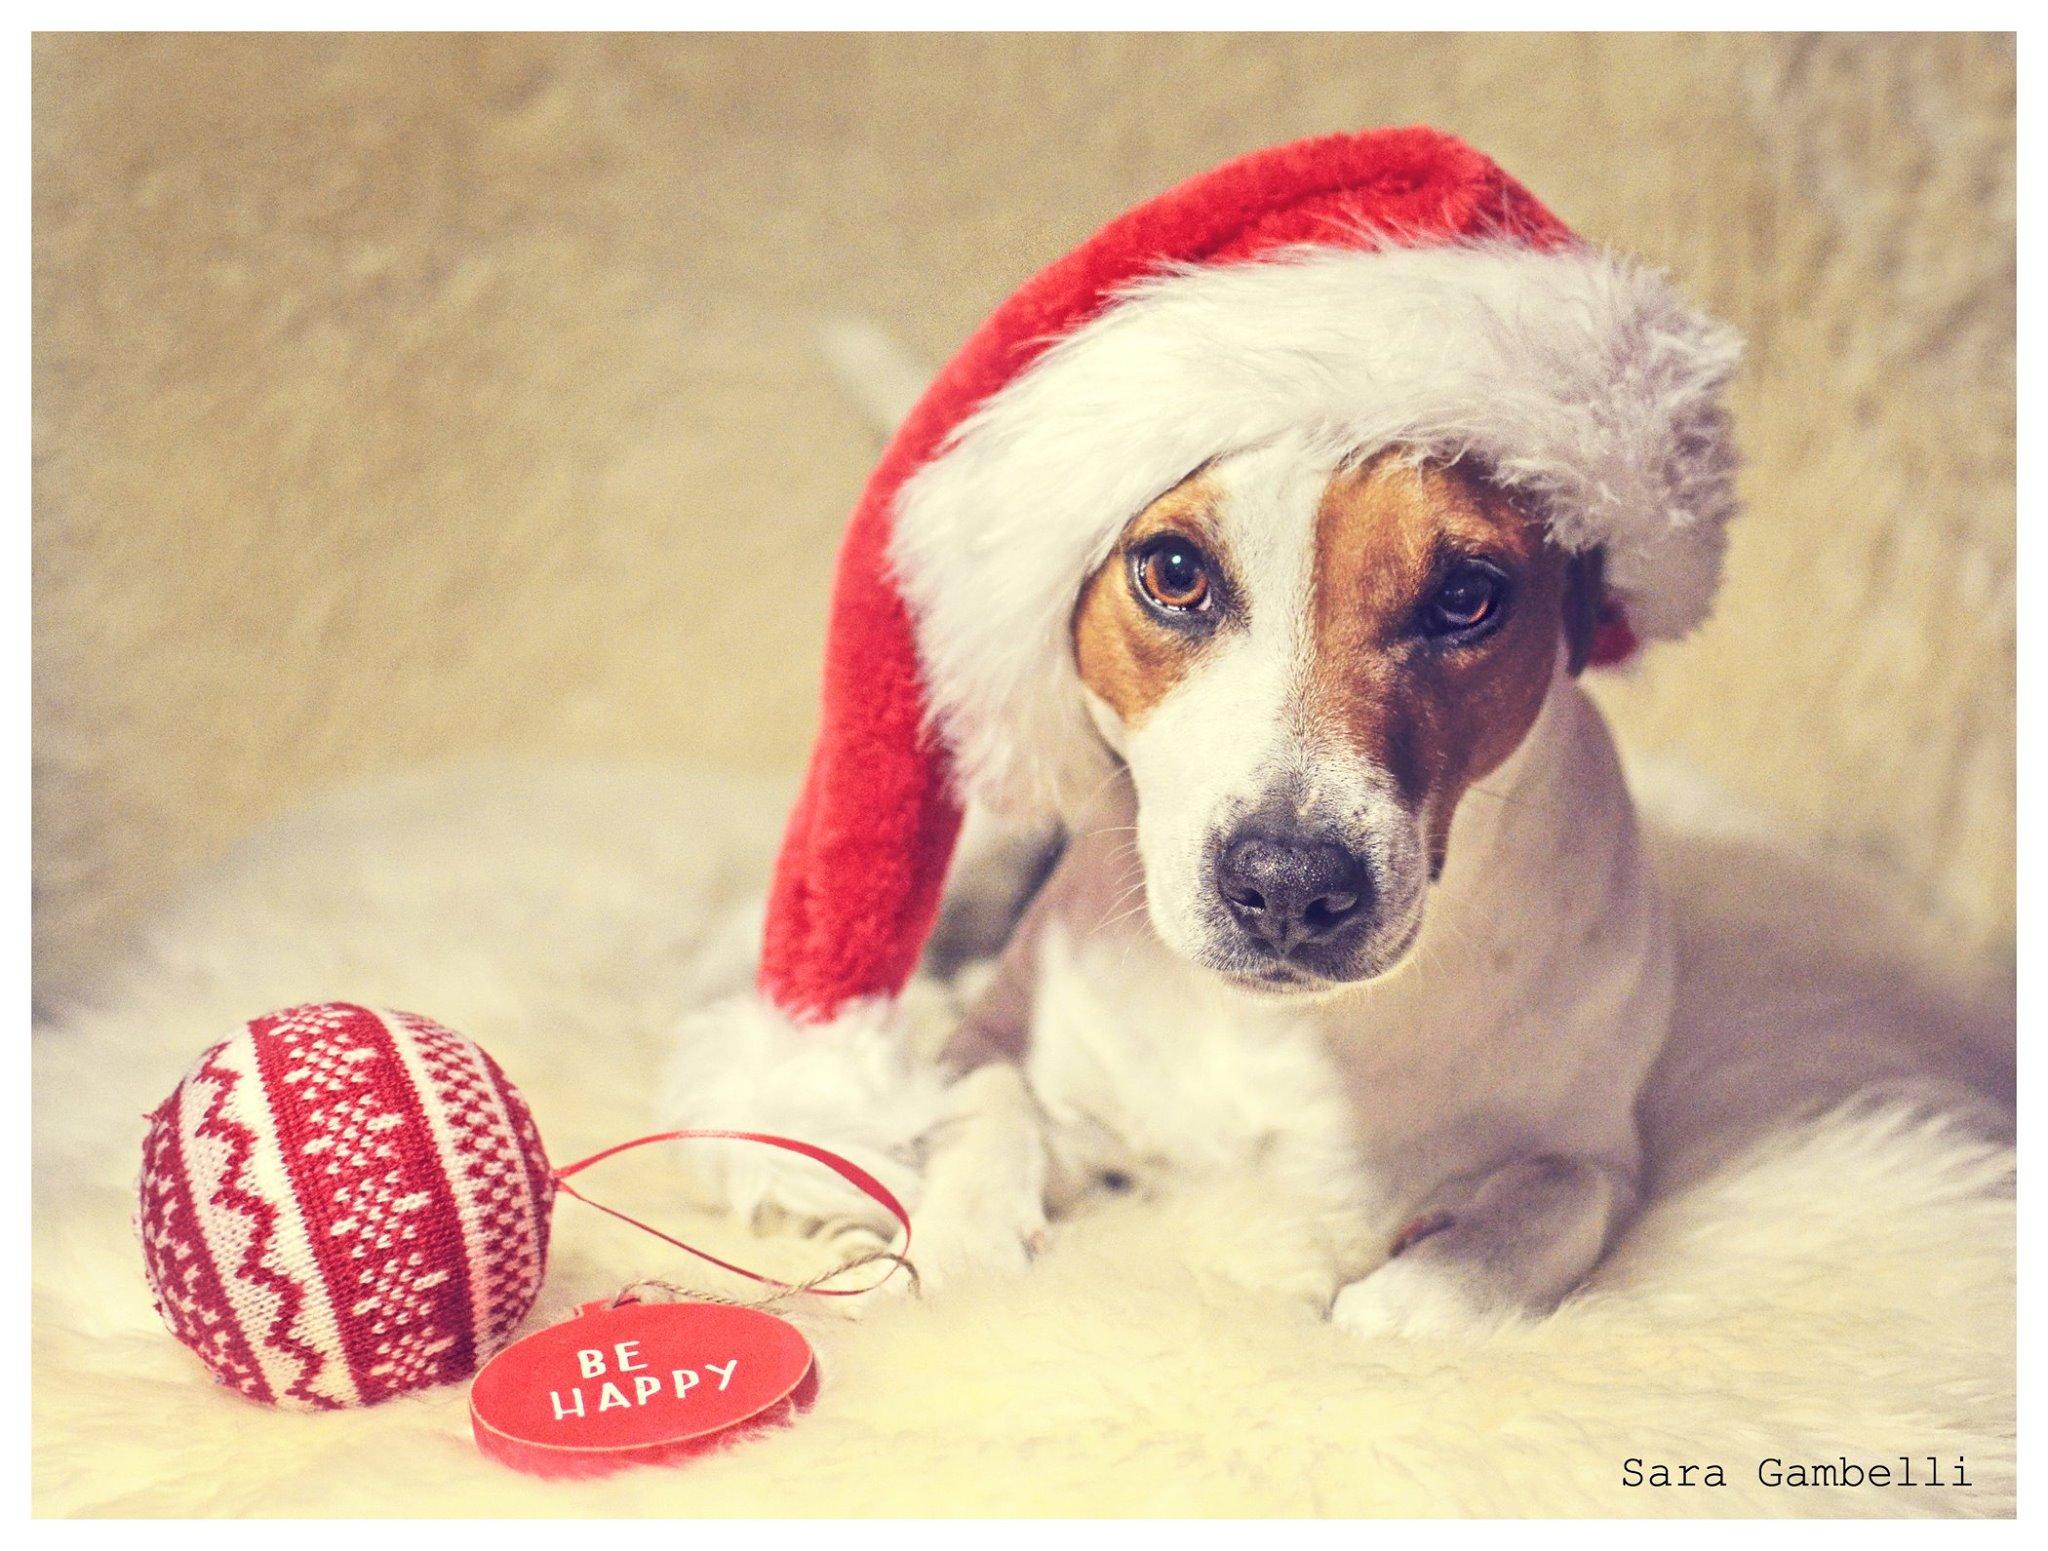 Immagini Natalizie Con Cani.I Nostri Migliori Auguri Di Buon Natale Con Le Foto Canine E